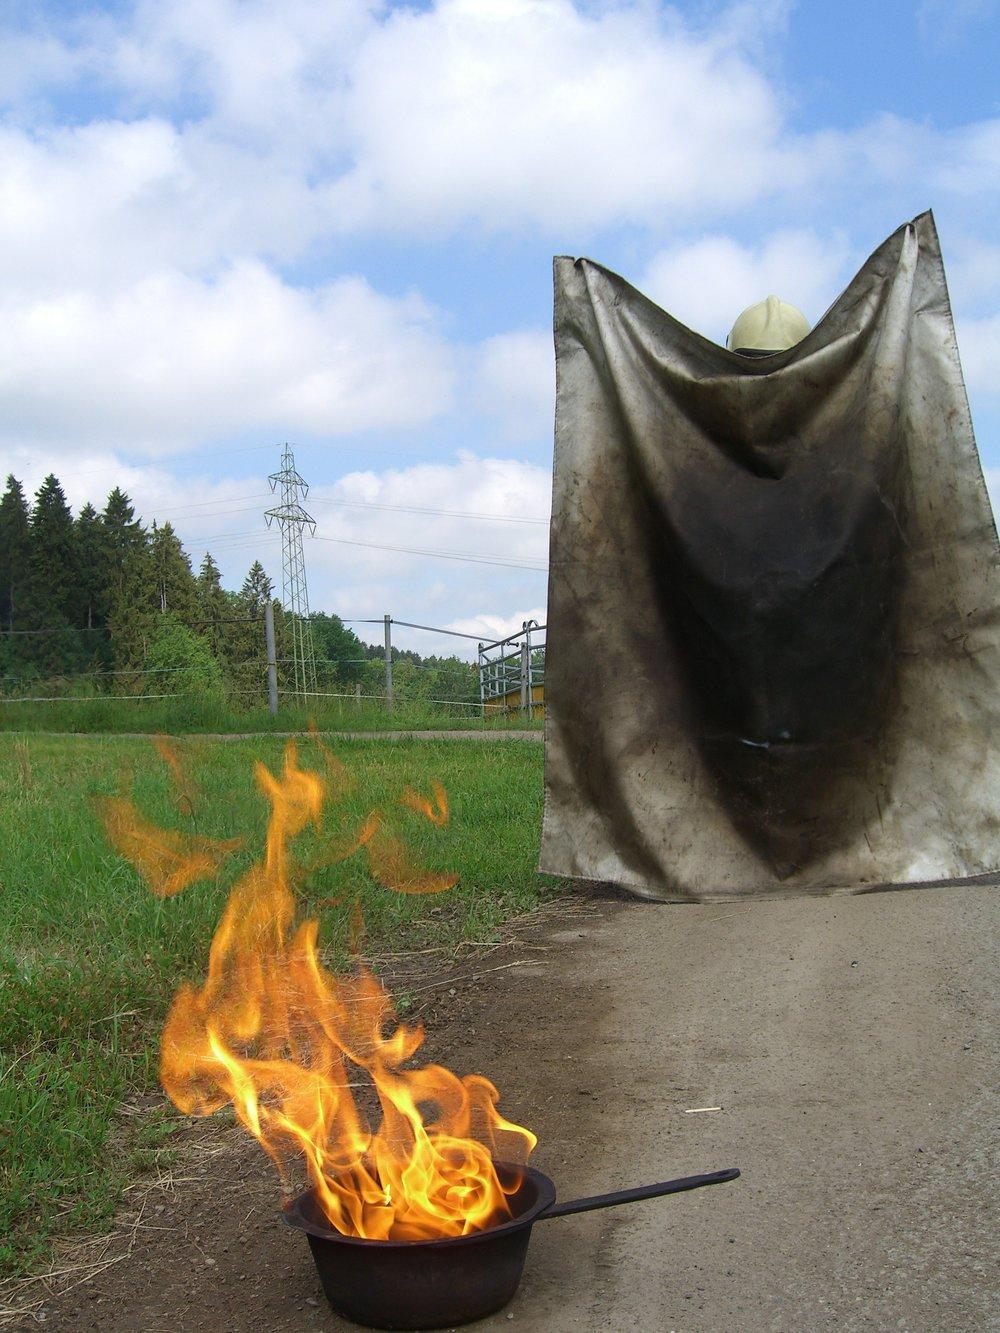 Wie löscht mer richtig ä Flamme, entstande us Öl? - Feuerwehrhelm anziehen und mit den Händen in die dafür vorgesehene Öffnung, dann langsam mit der Löschdecke zur Flamme laufen...